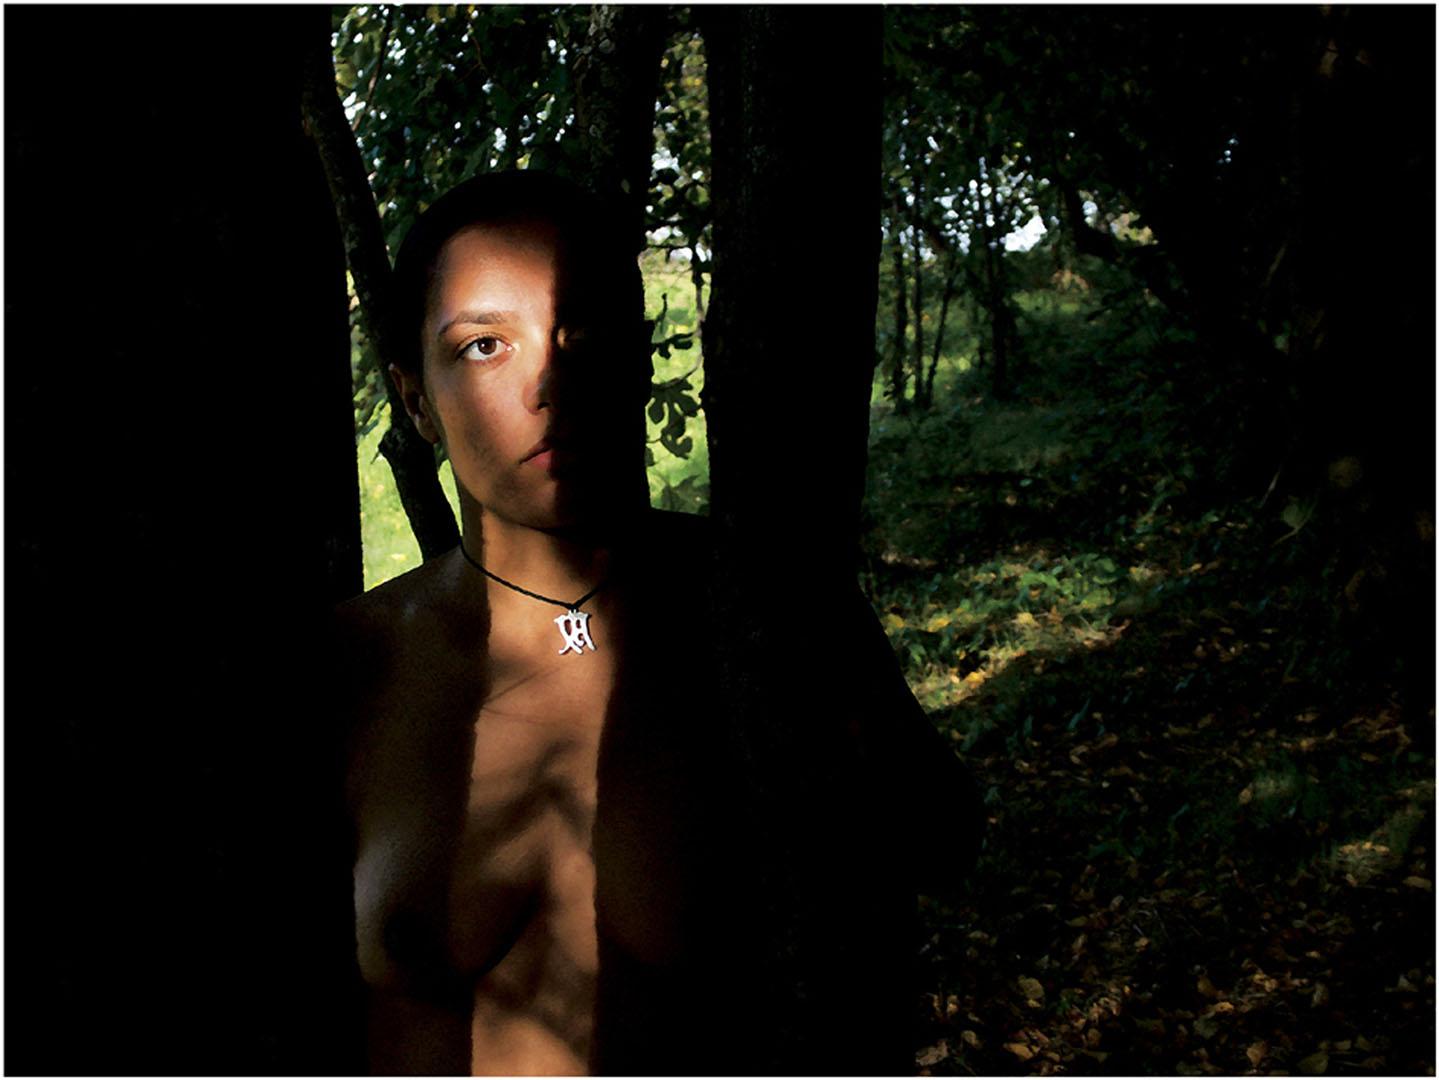 Erotic_Adventures_074_EXYA84